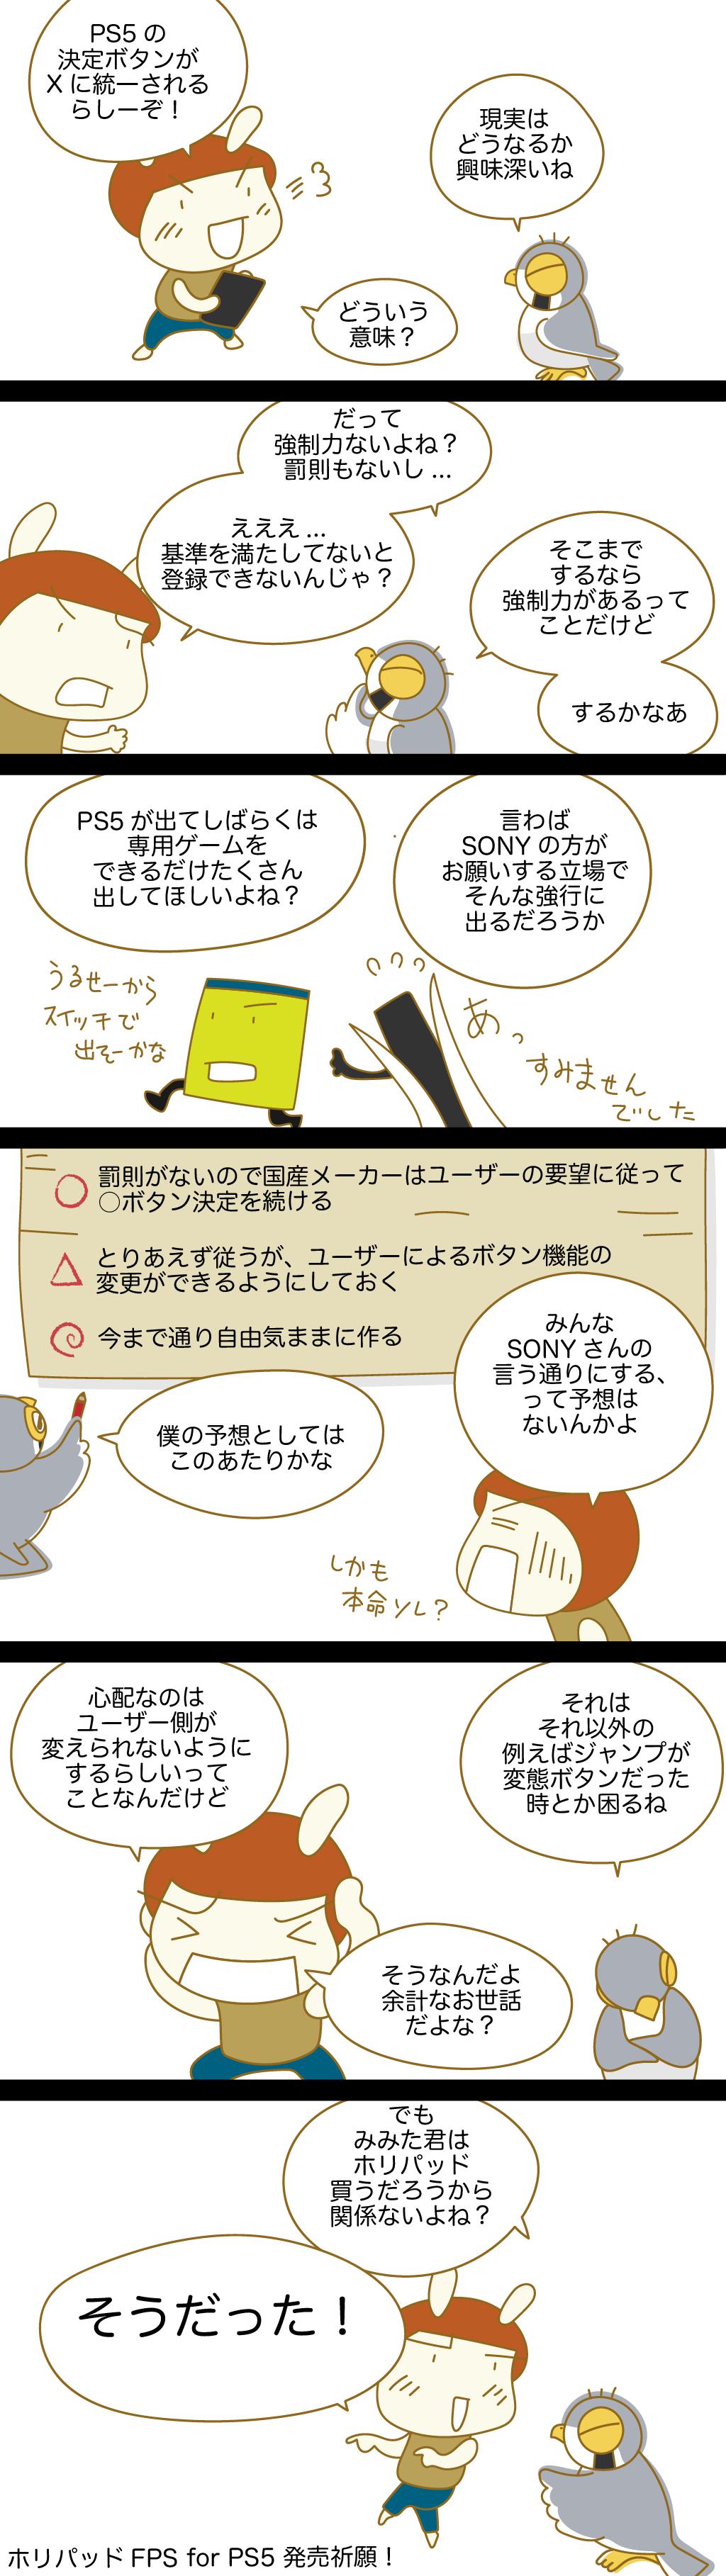 PS5の決定ボタン、Xに統一へ(漫画)